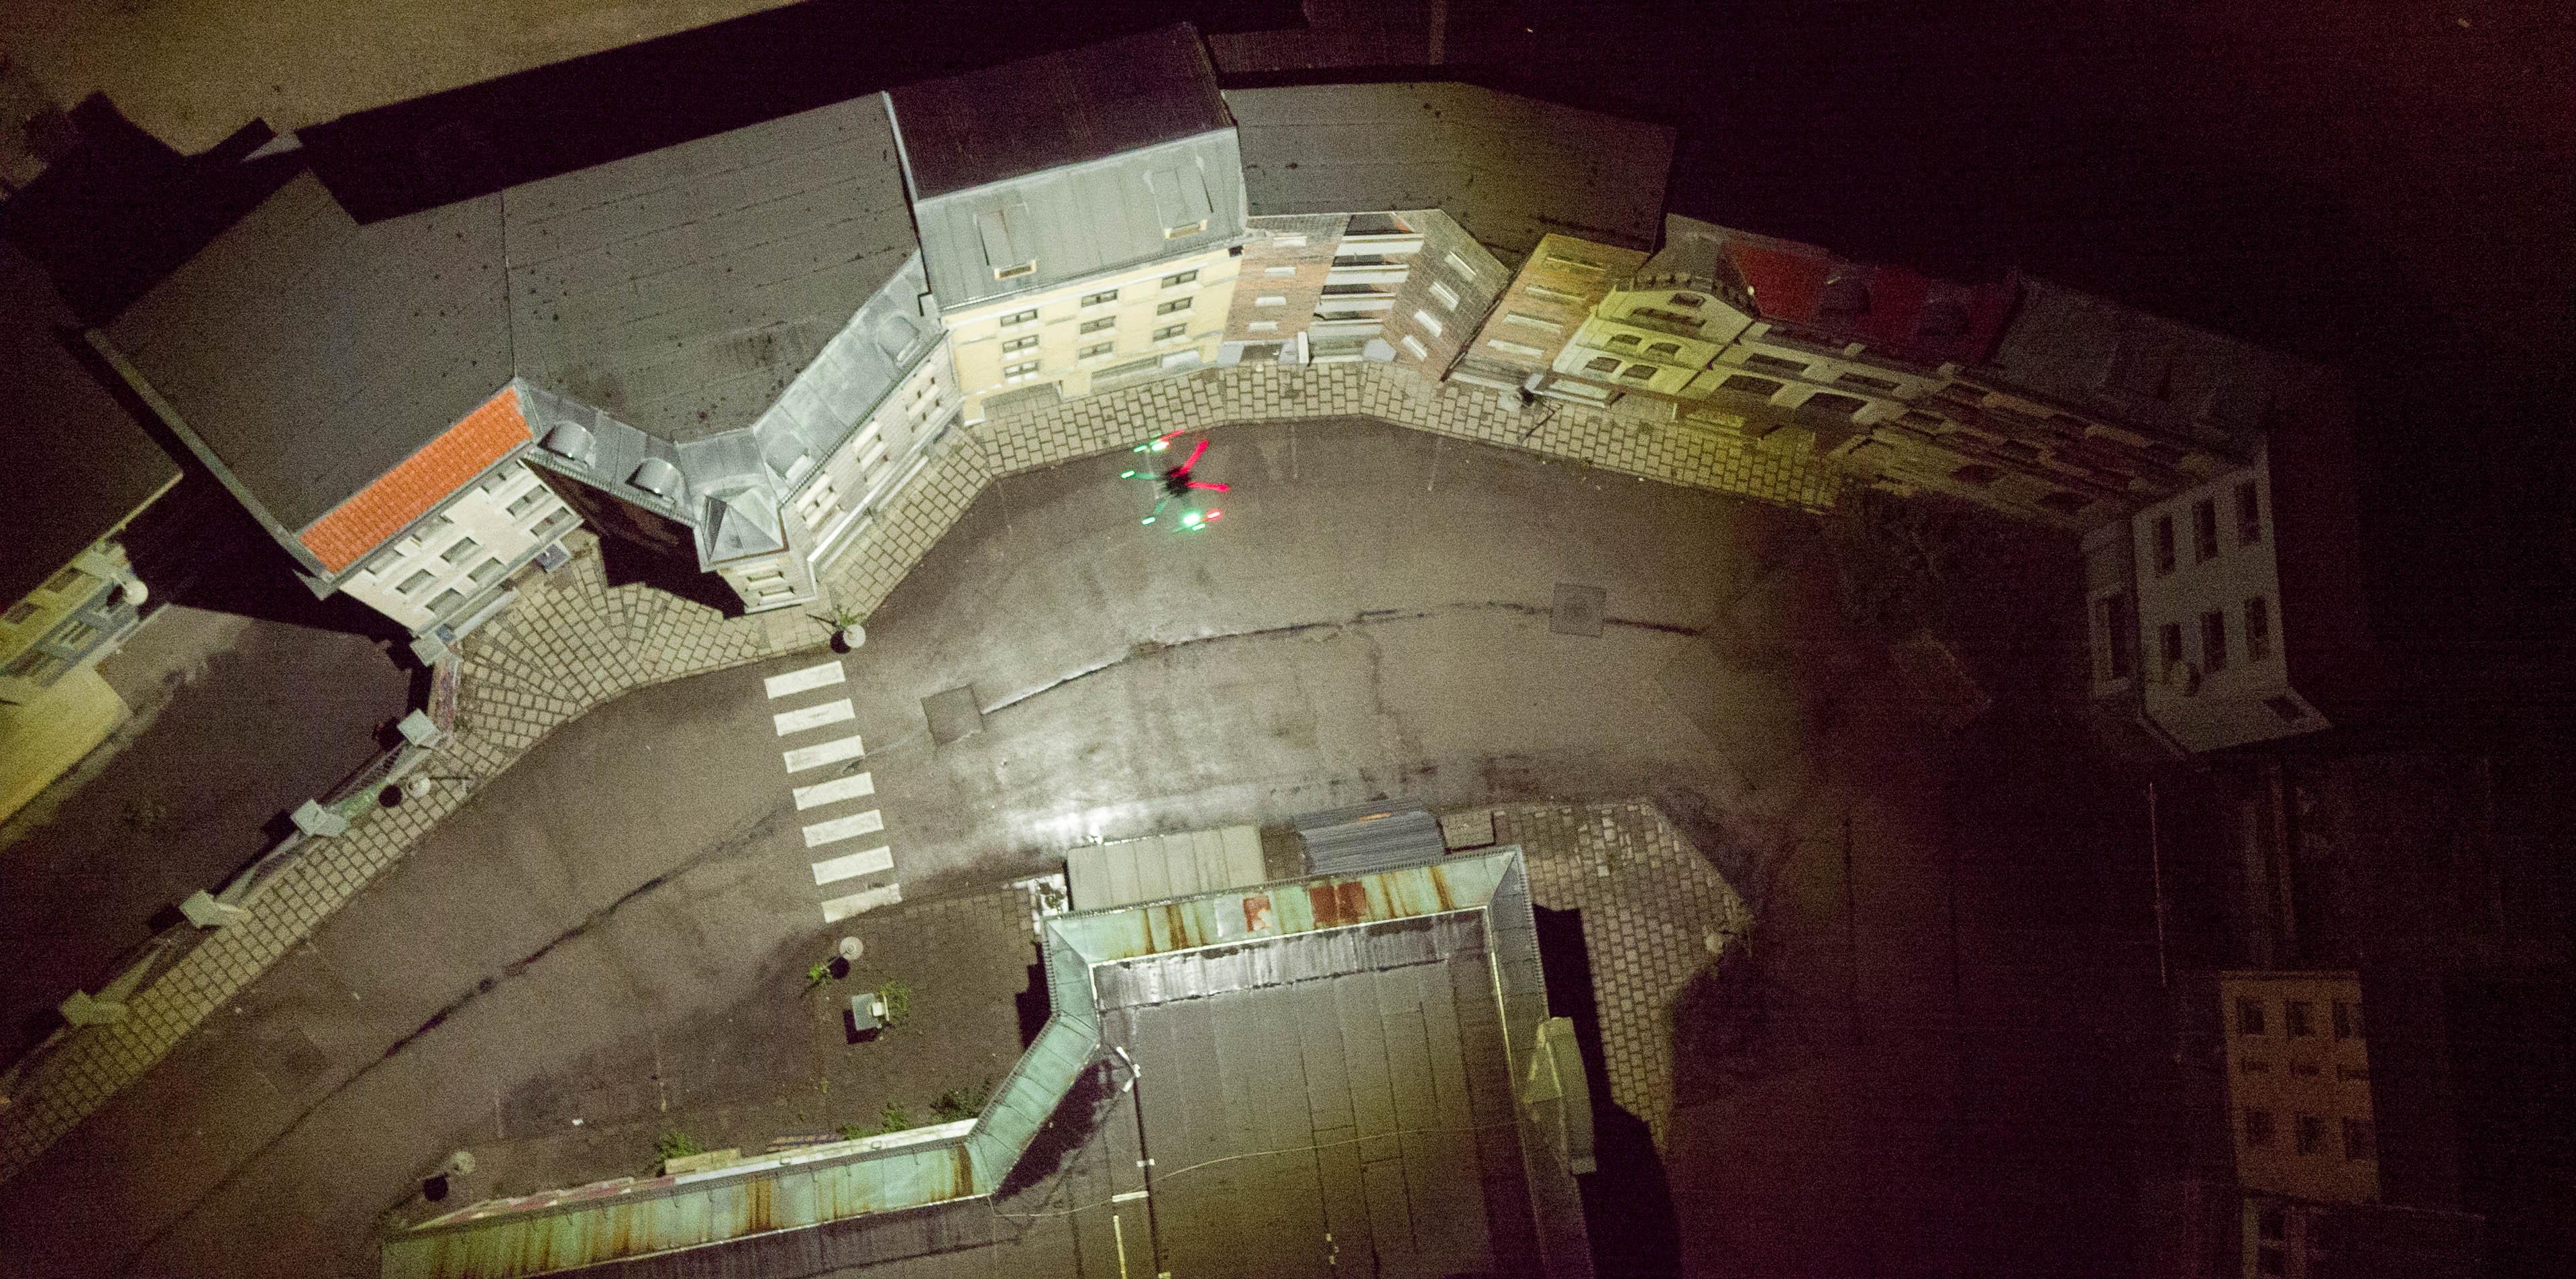 Marienhof Kulisse bavaria Film München LED Drohne Luftaufnahmen aerolution.tv Alexa mini FS7 moving lights drohnendienstleister münchen aerial drone team